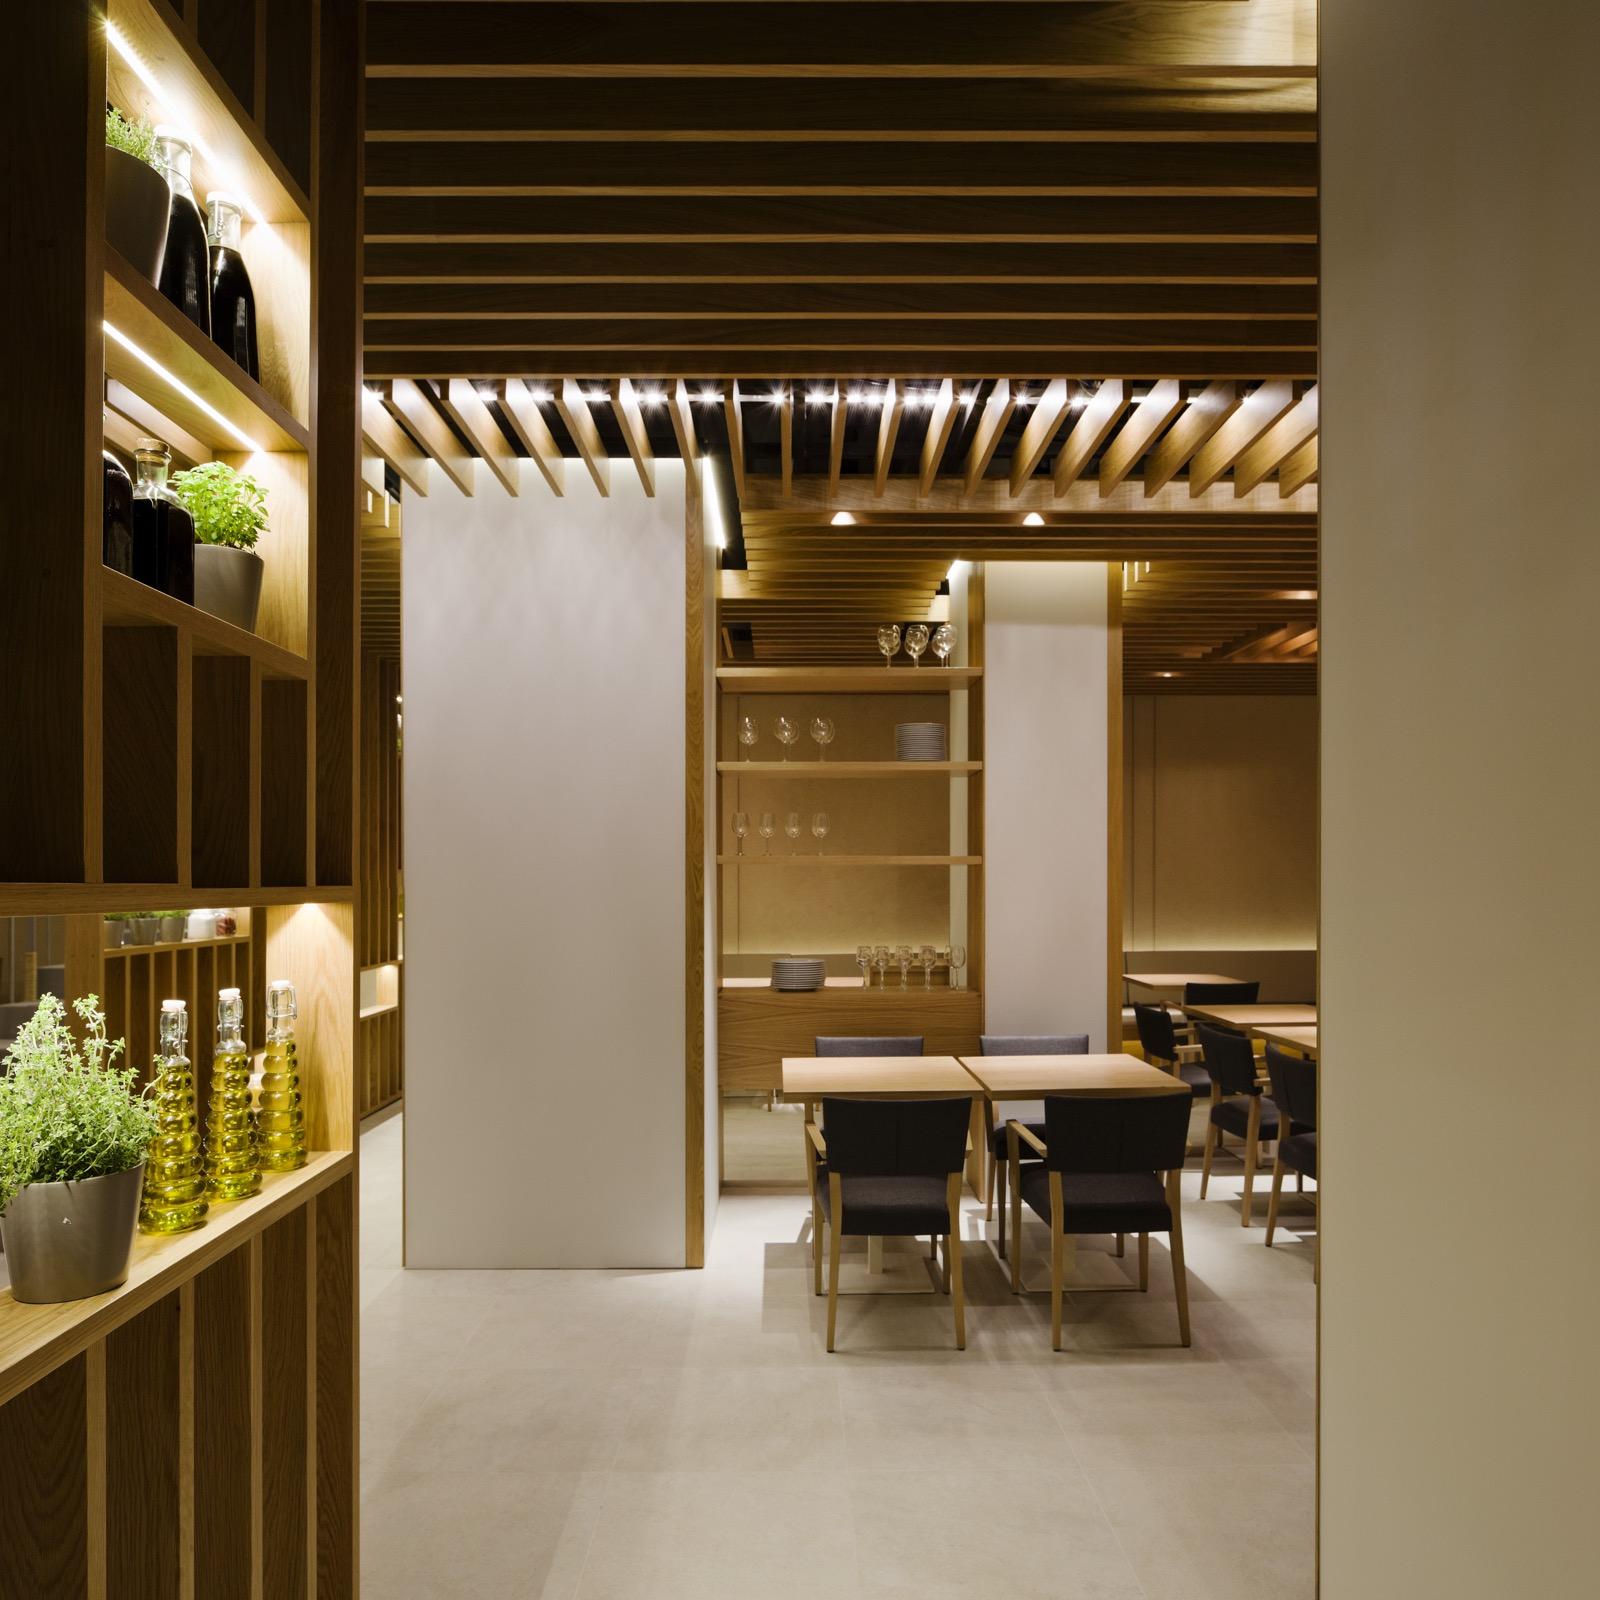 Besso restaurante dise o de interiores mallorca Disenos de interiores para restaurantes